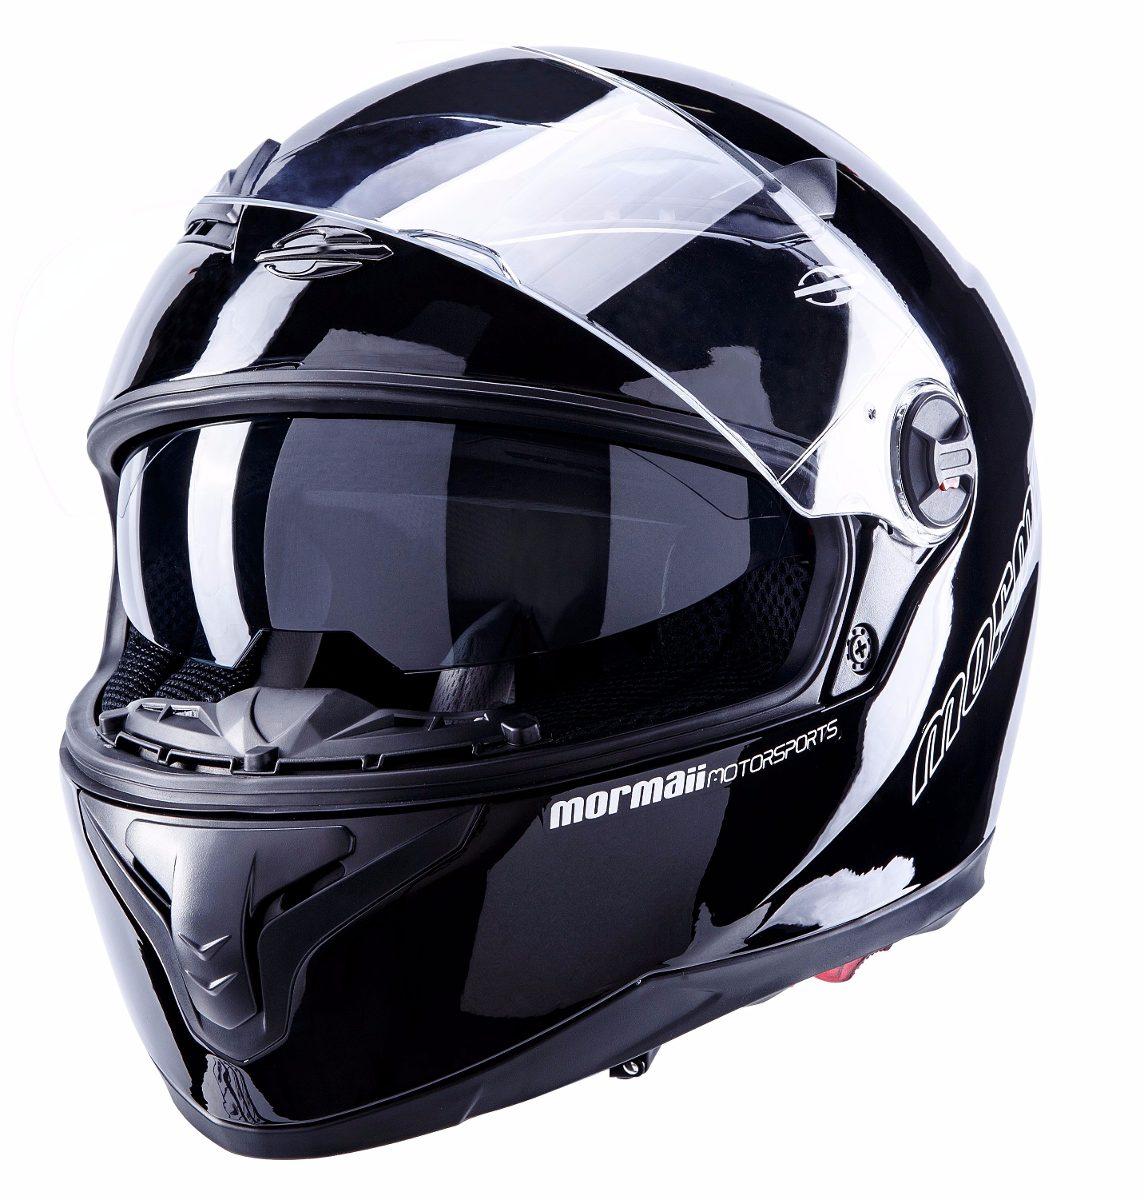 f18967292c0d5 Capacete Mormaii Fs 811 Instit Viseira Solar Sombra Racing - R  399 ...